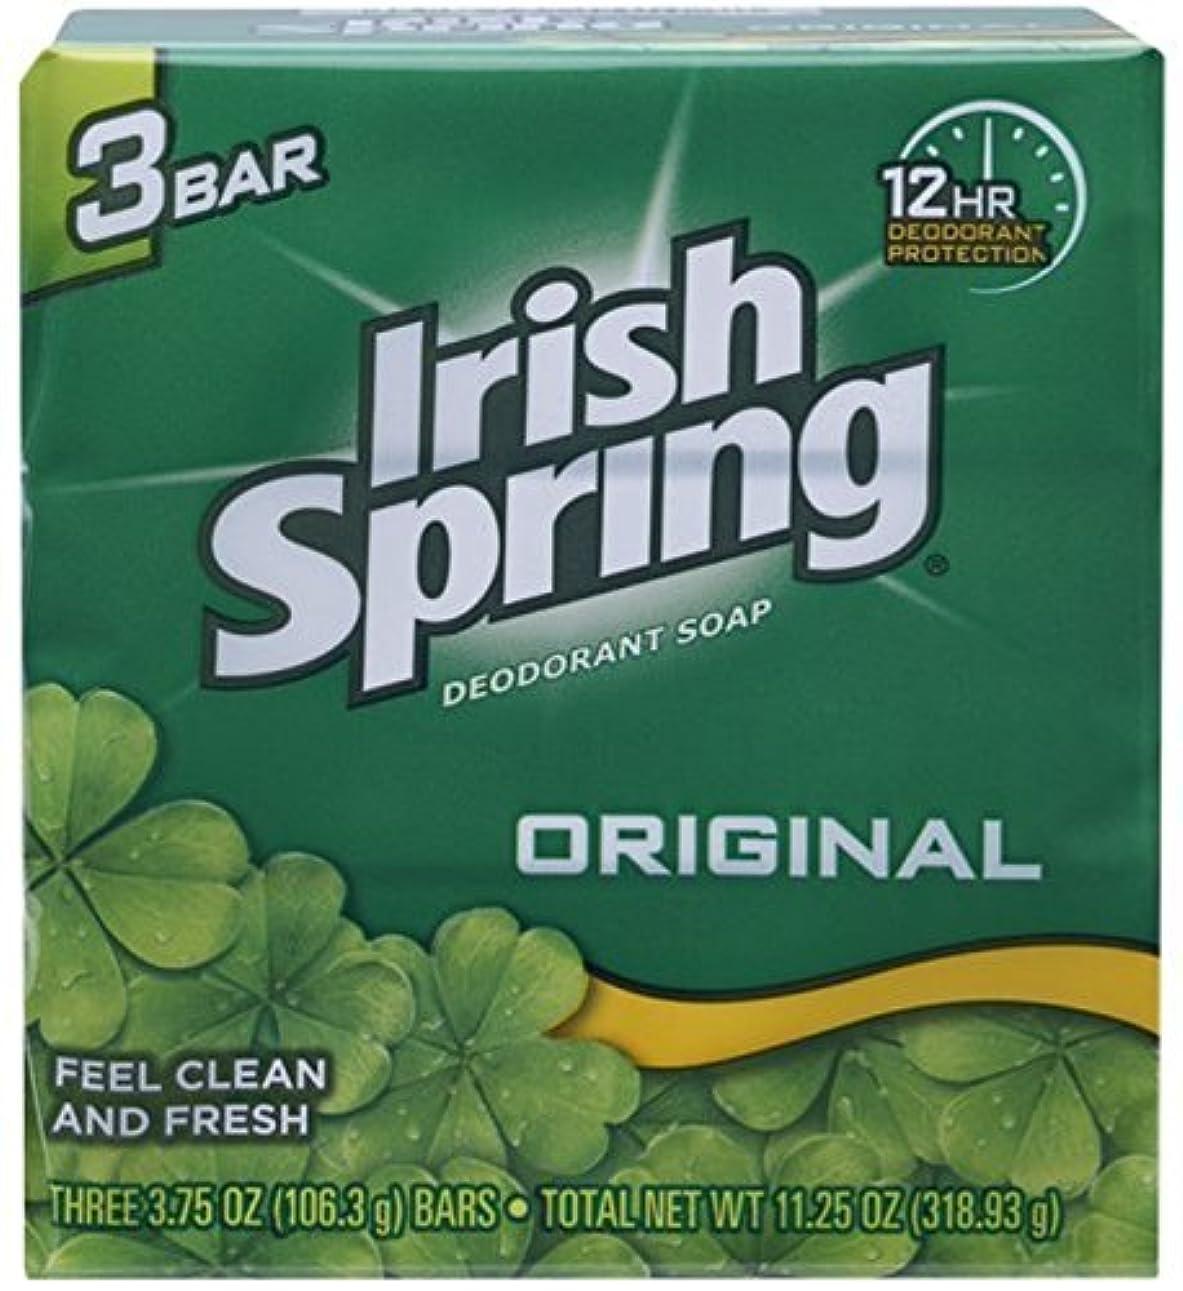 件名会話アンテナIrish Spring デオドラント石鹸、オリジナル、3.75オズバー、3 Eaは(12パック)